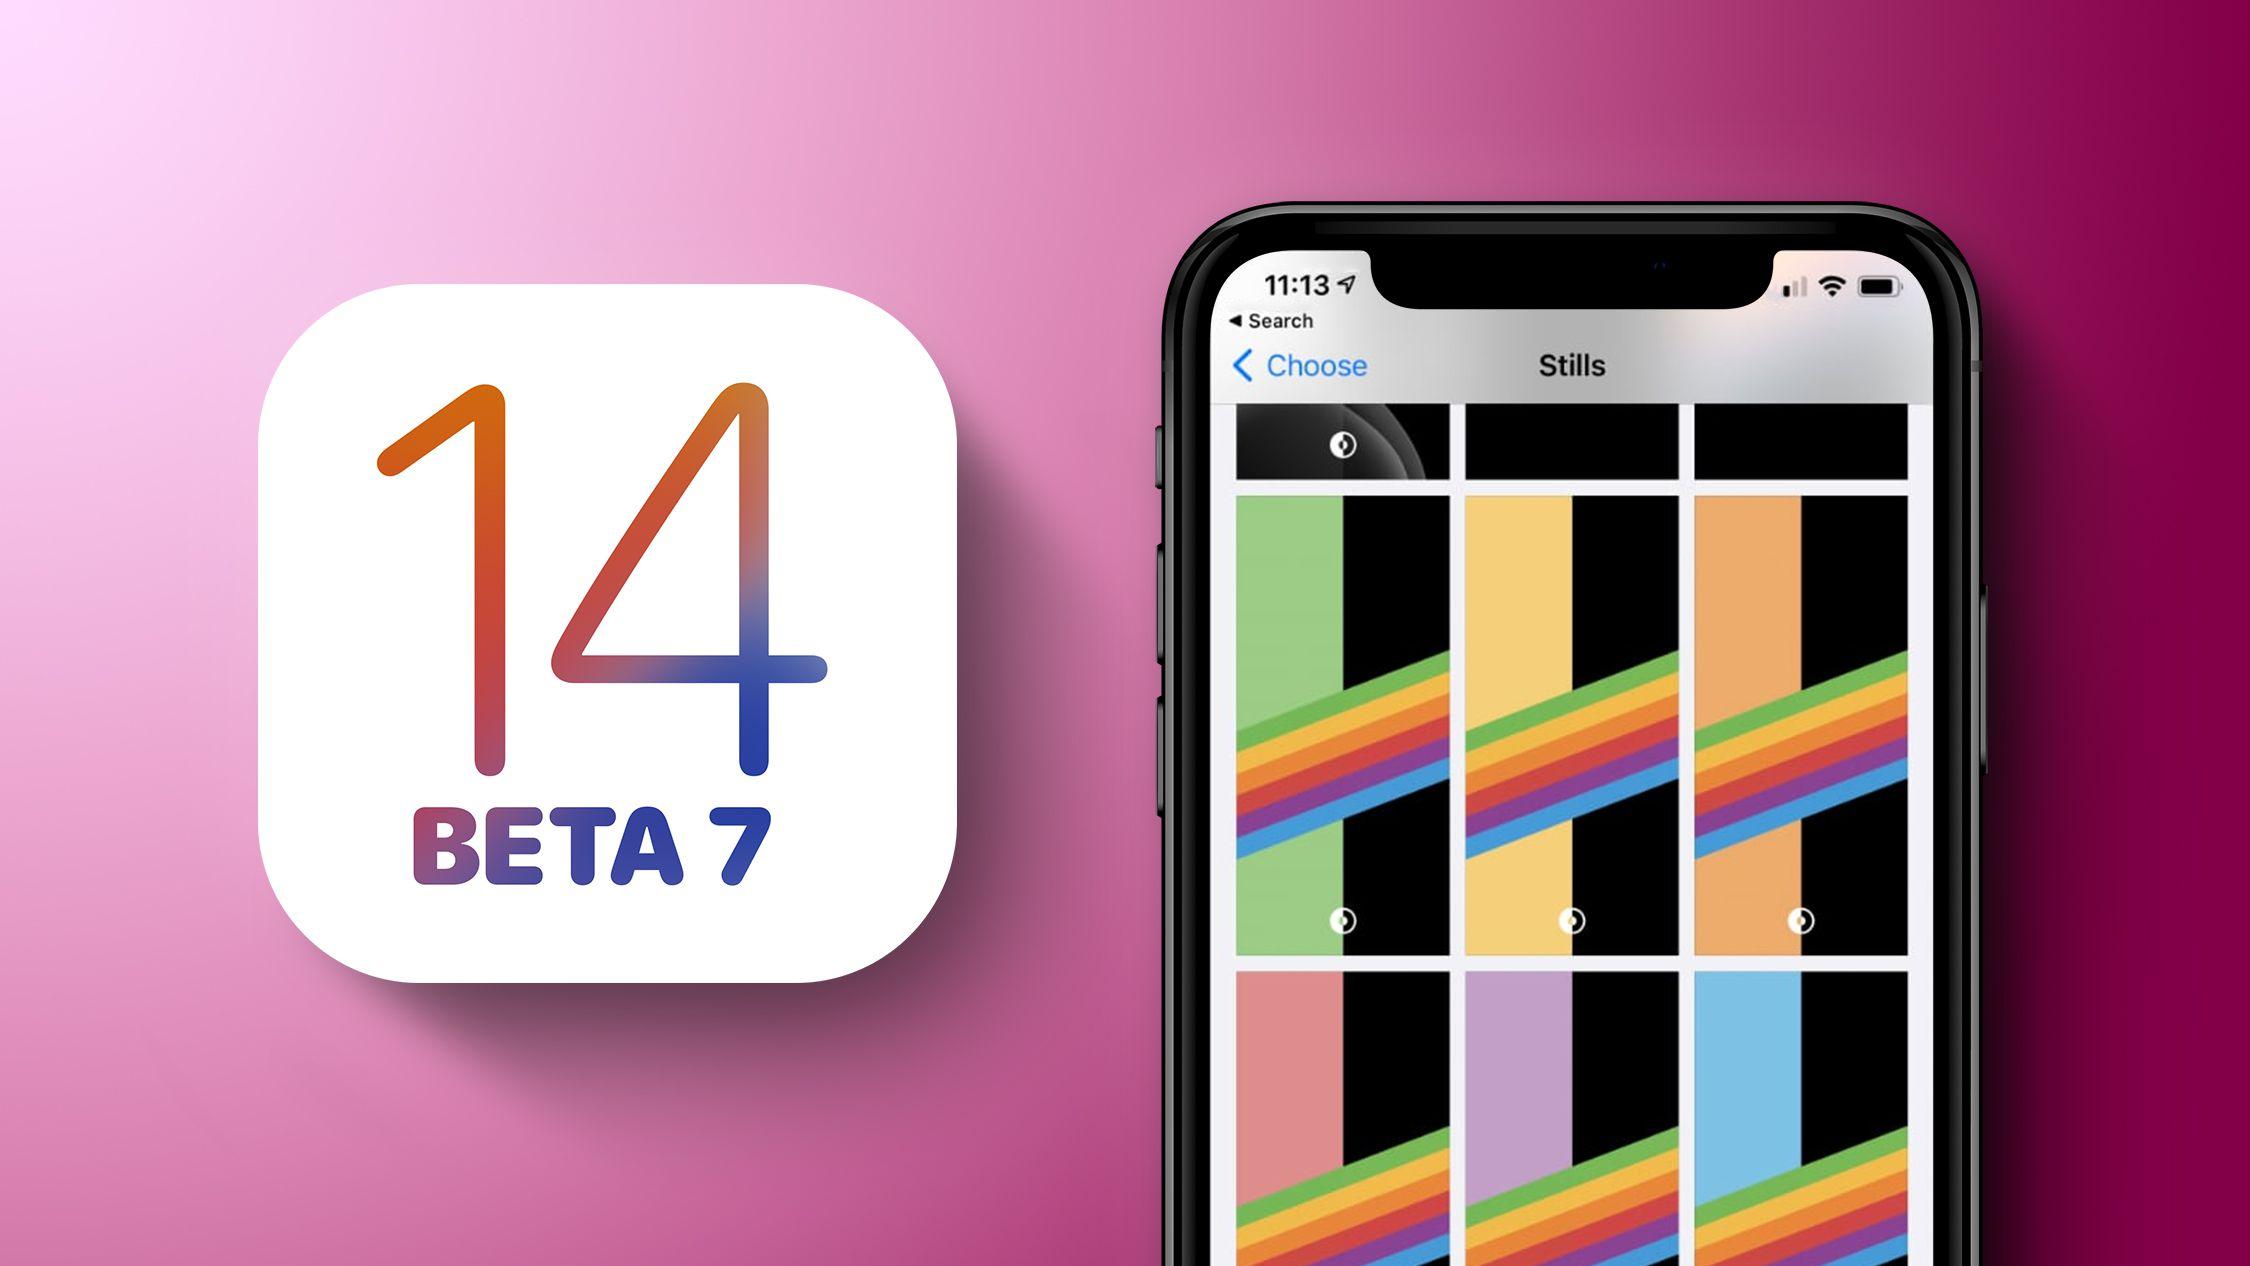 What S New In Ios 14 Beta 7 Dark Mode Rainbow Wallpapers App Library Tweaks Macrumors